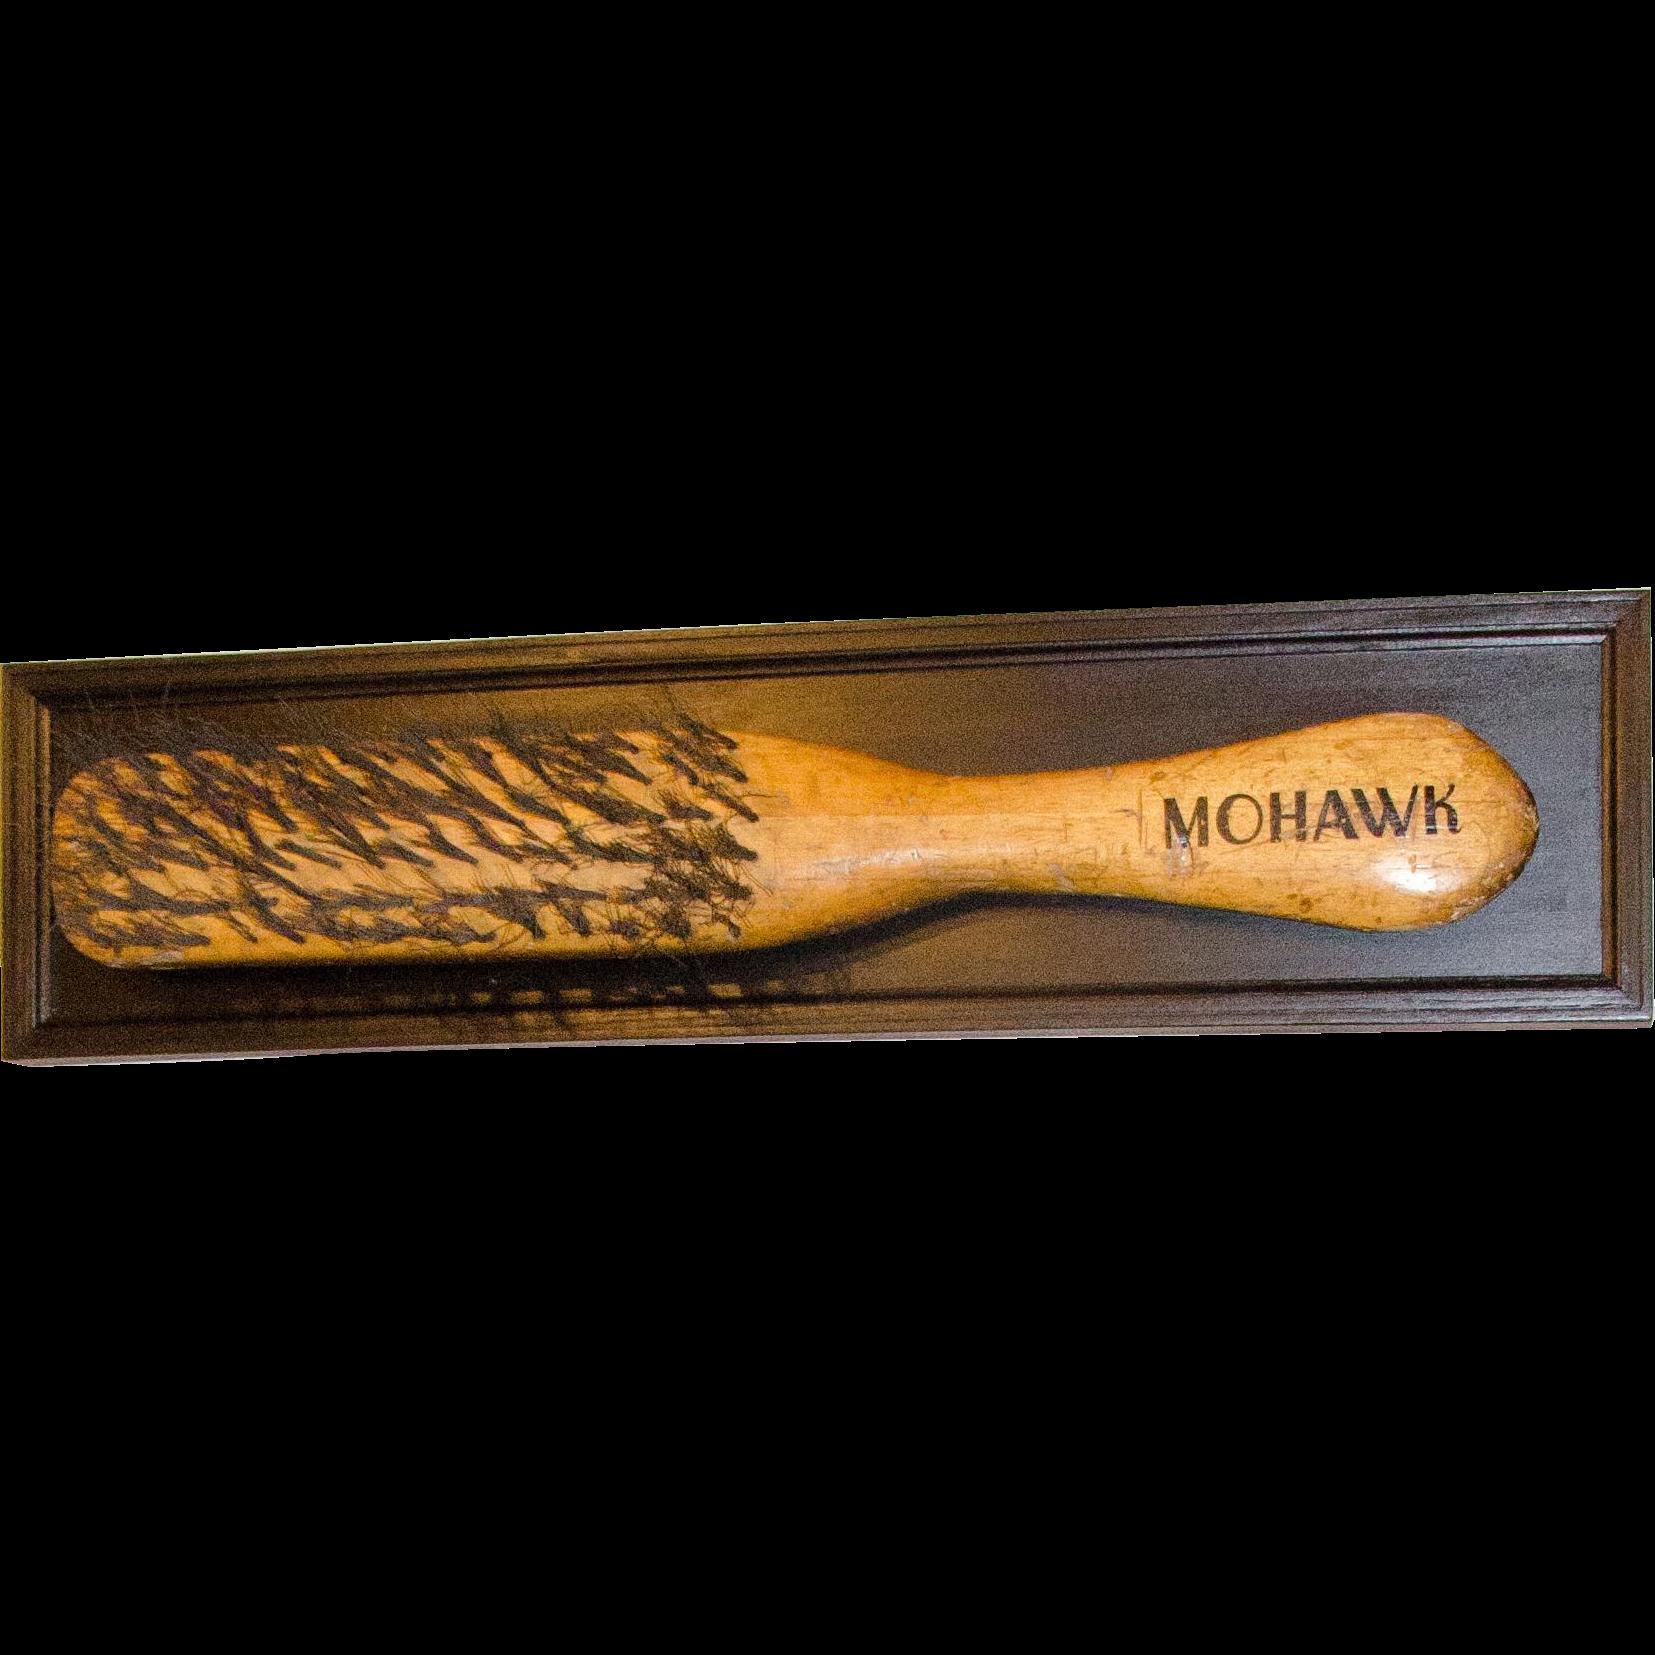 Extremely Large Mohawk Brush Trade Sign